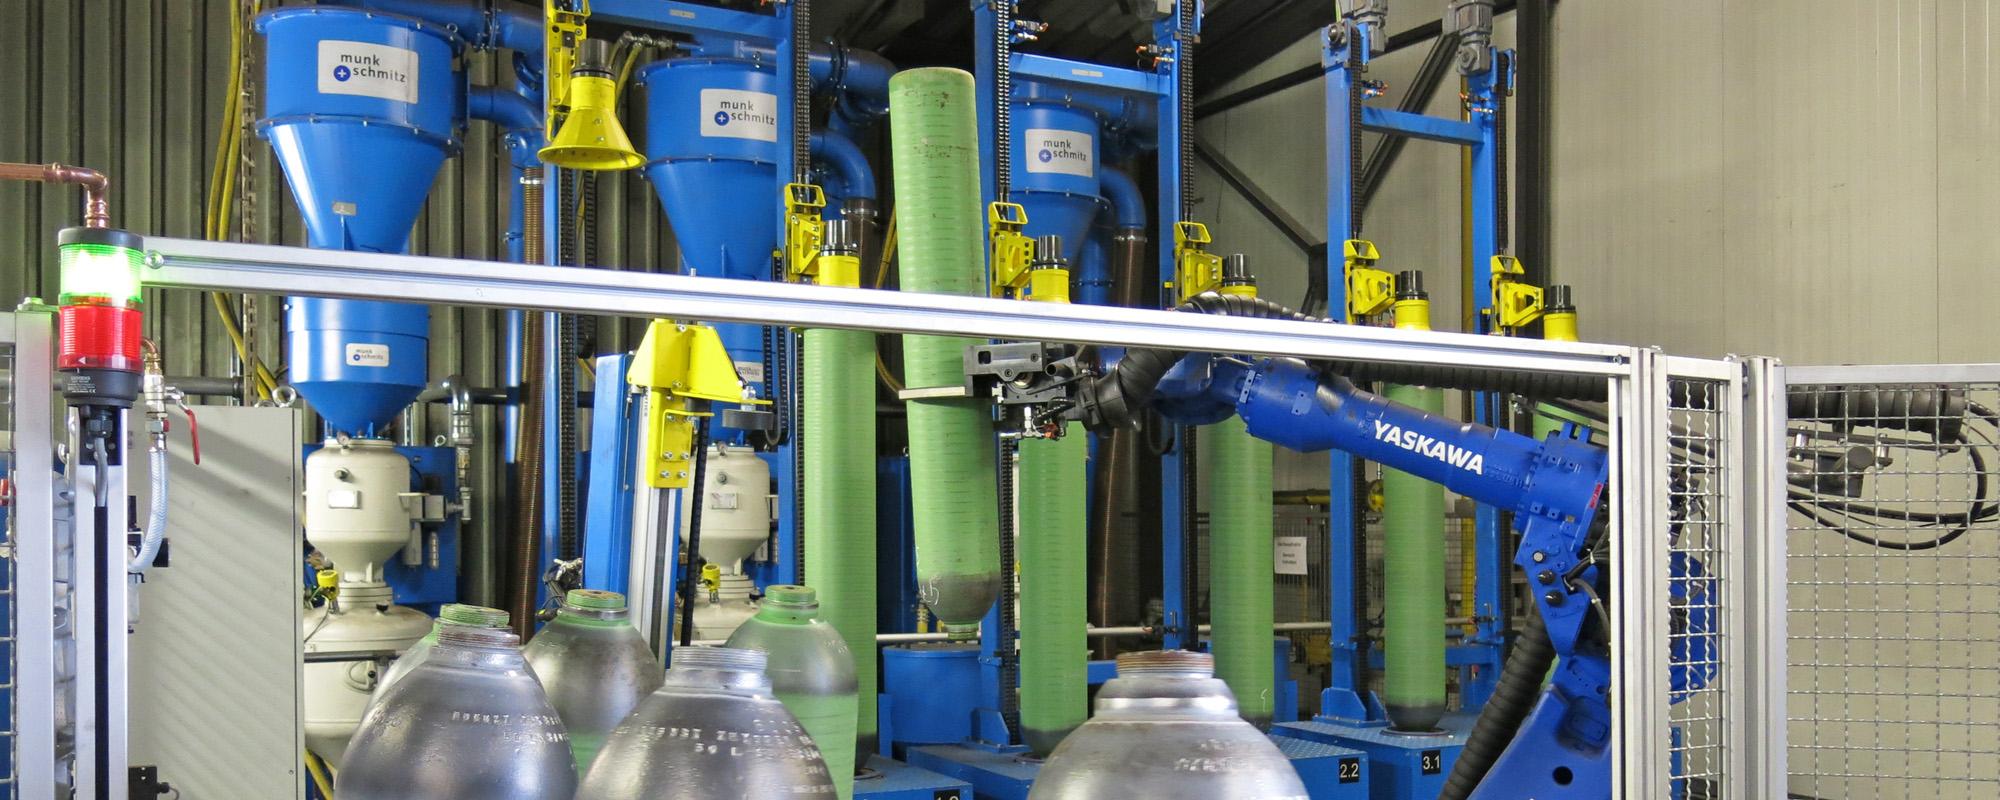 Atemluftflaschen strahlen, Druckgasflaschen strahlen